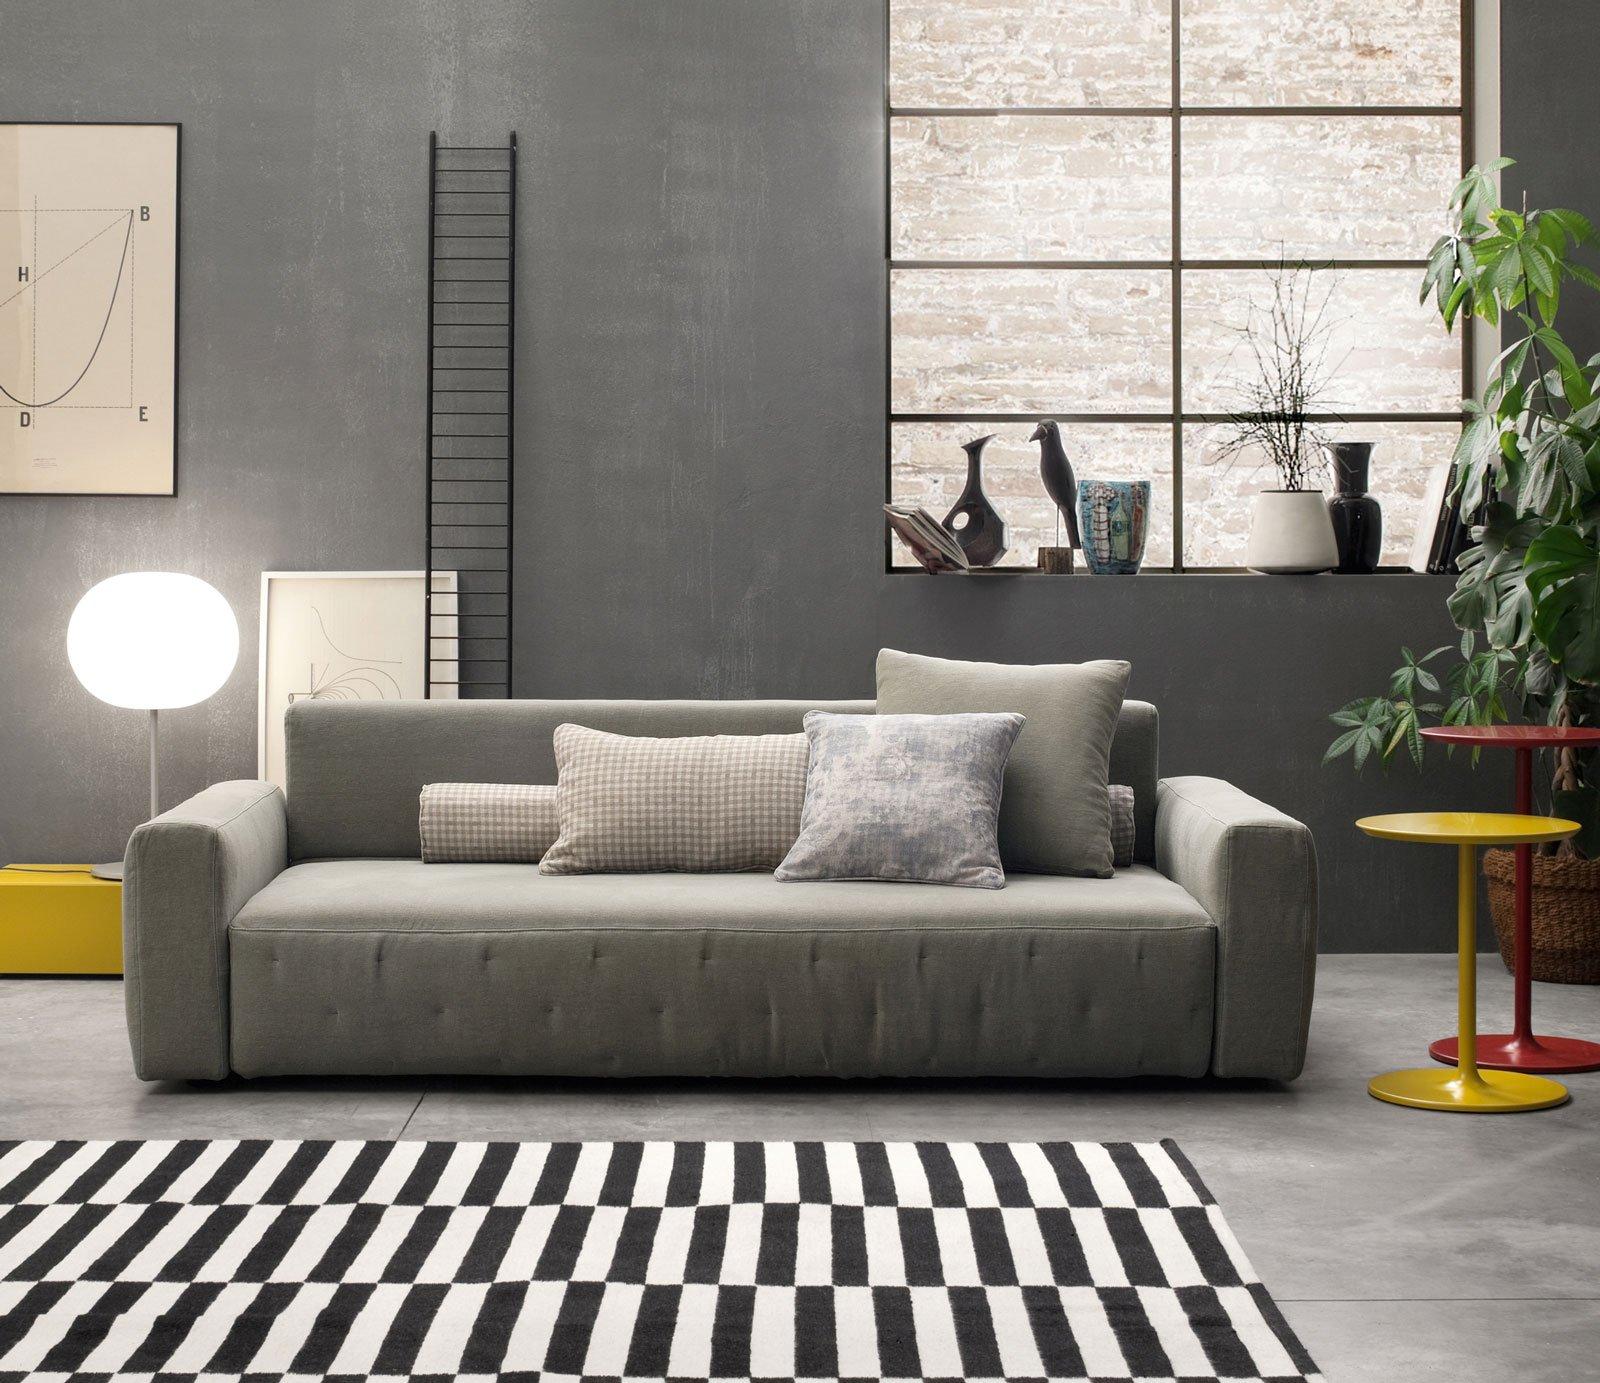 Divani fissi o componibili lineari o ad angolo 12 for Divani moderni grigi